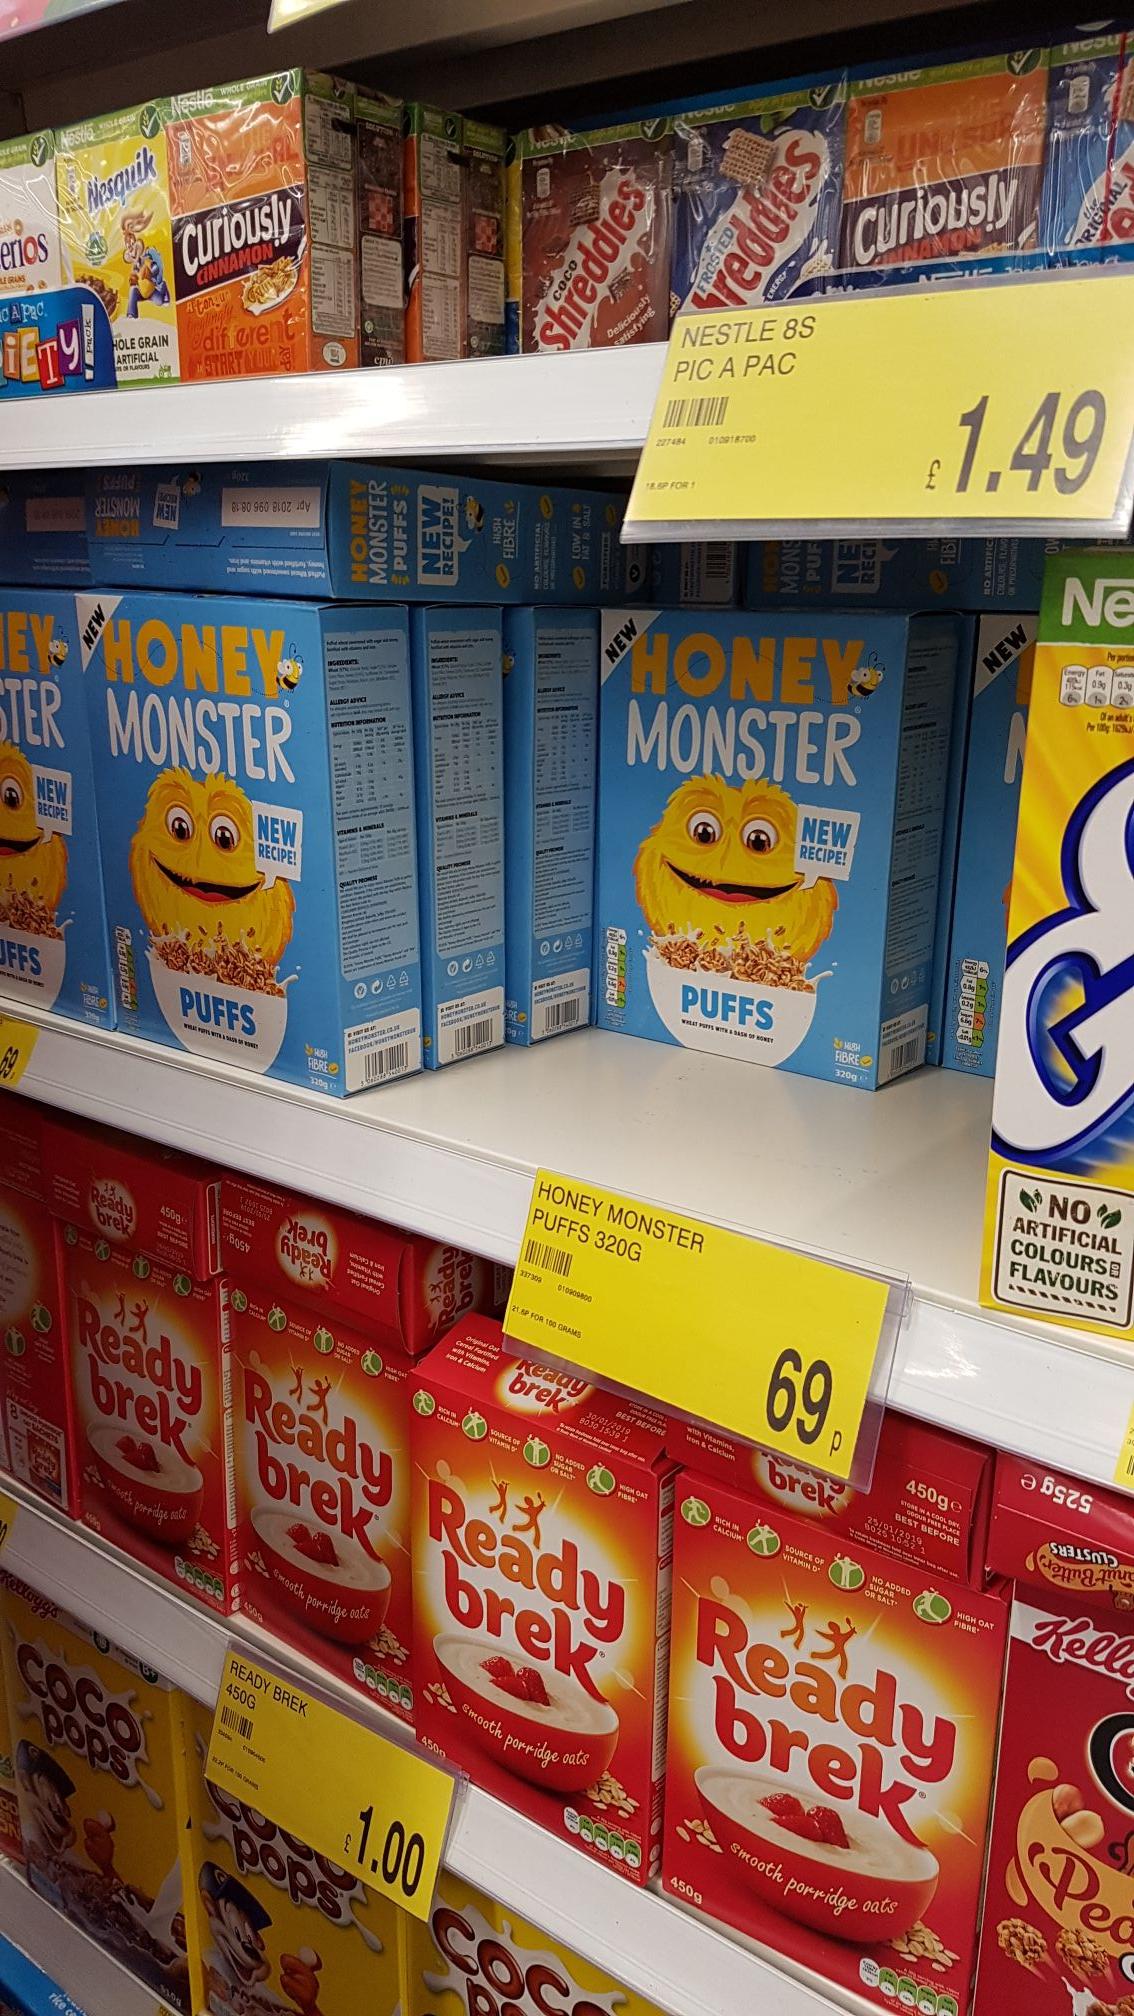 Honey Monster Cereal 320g @ B&M - 69p